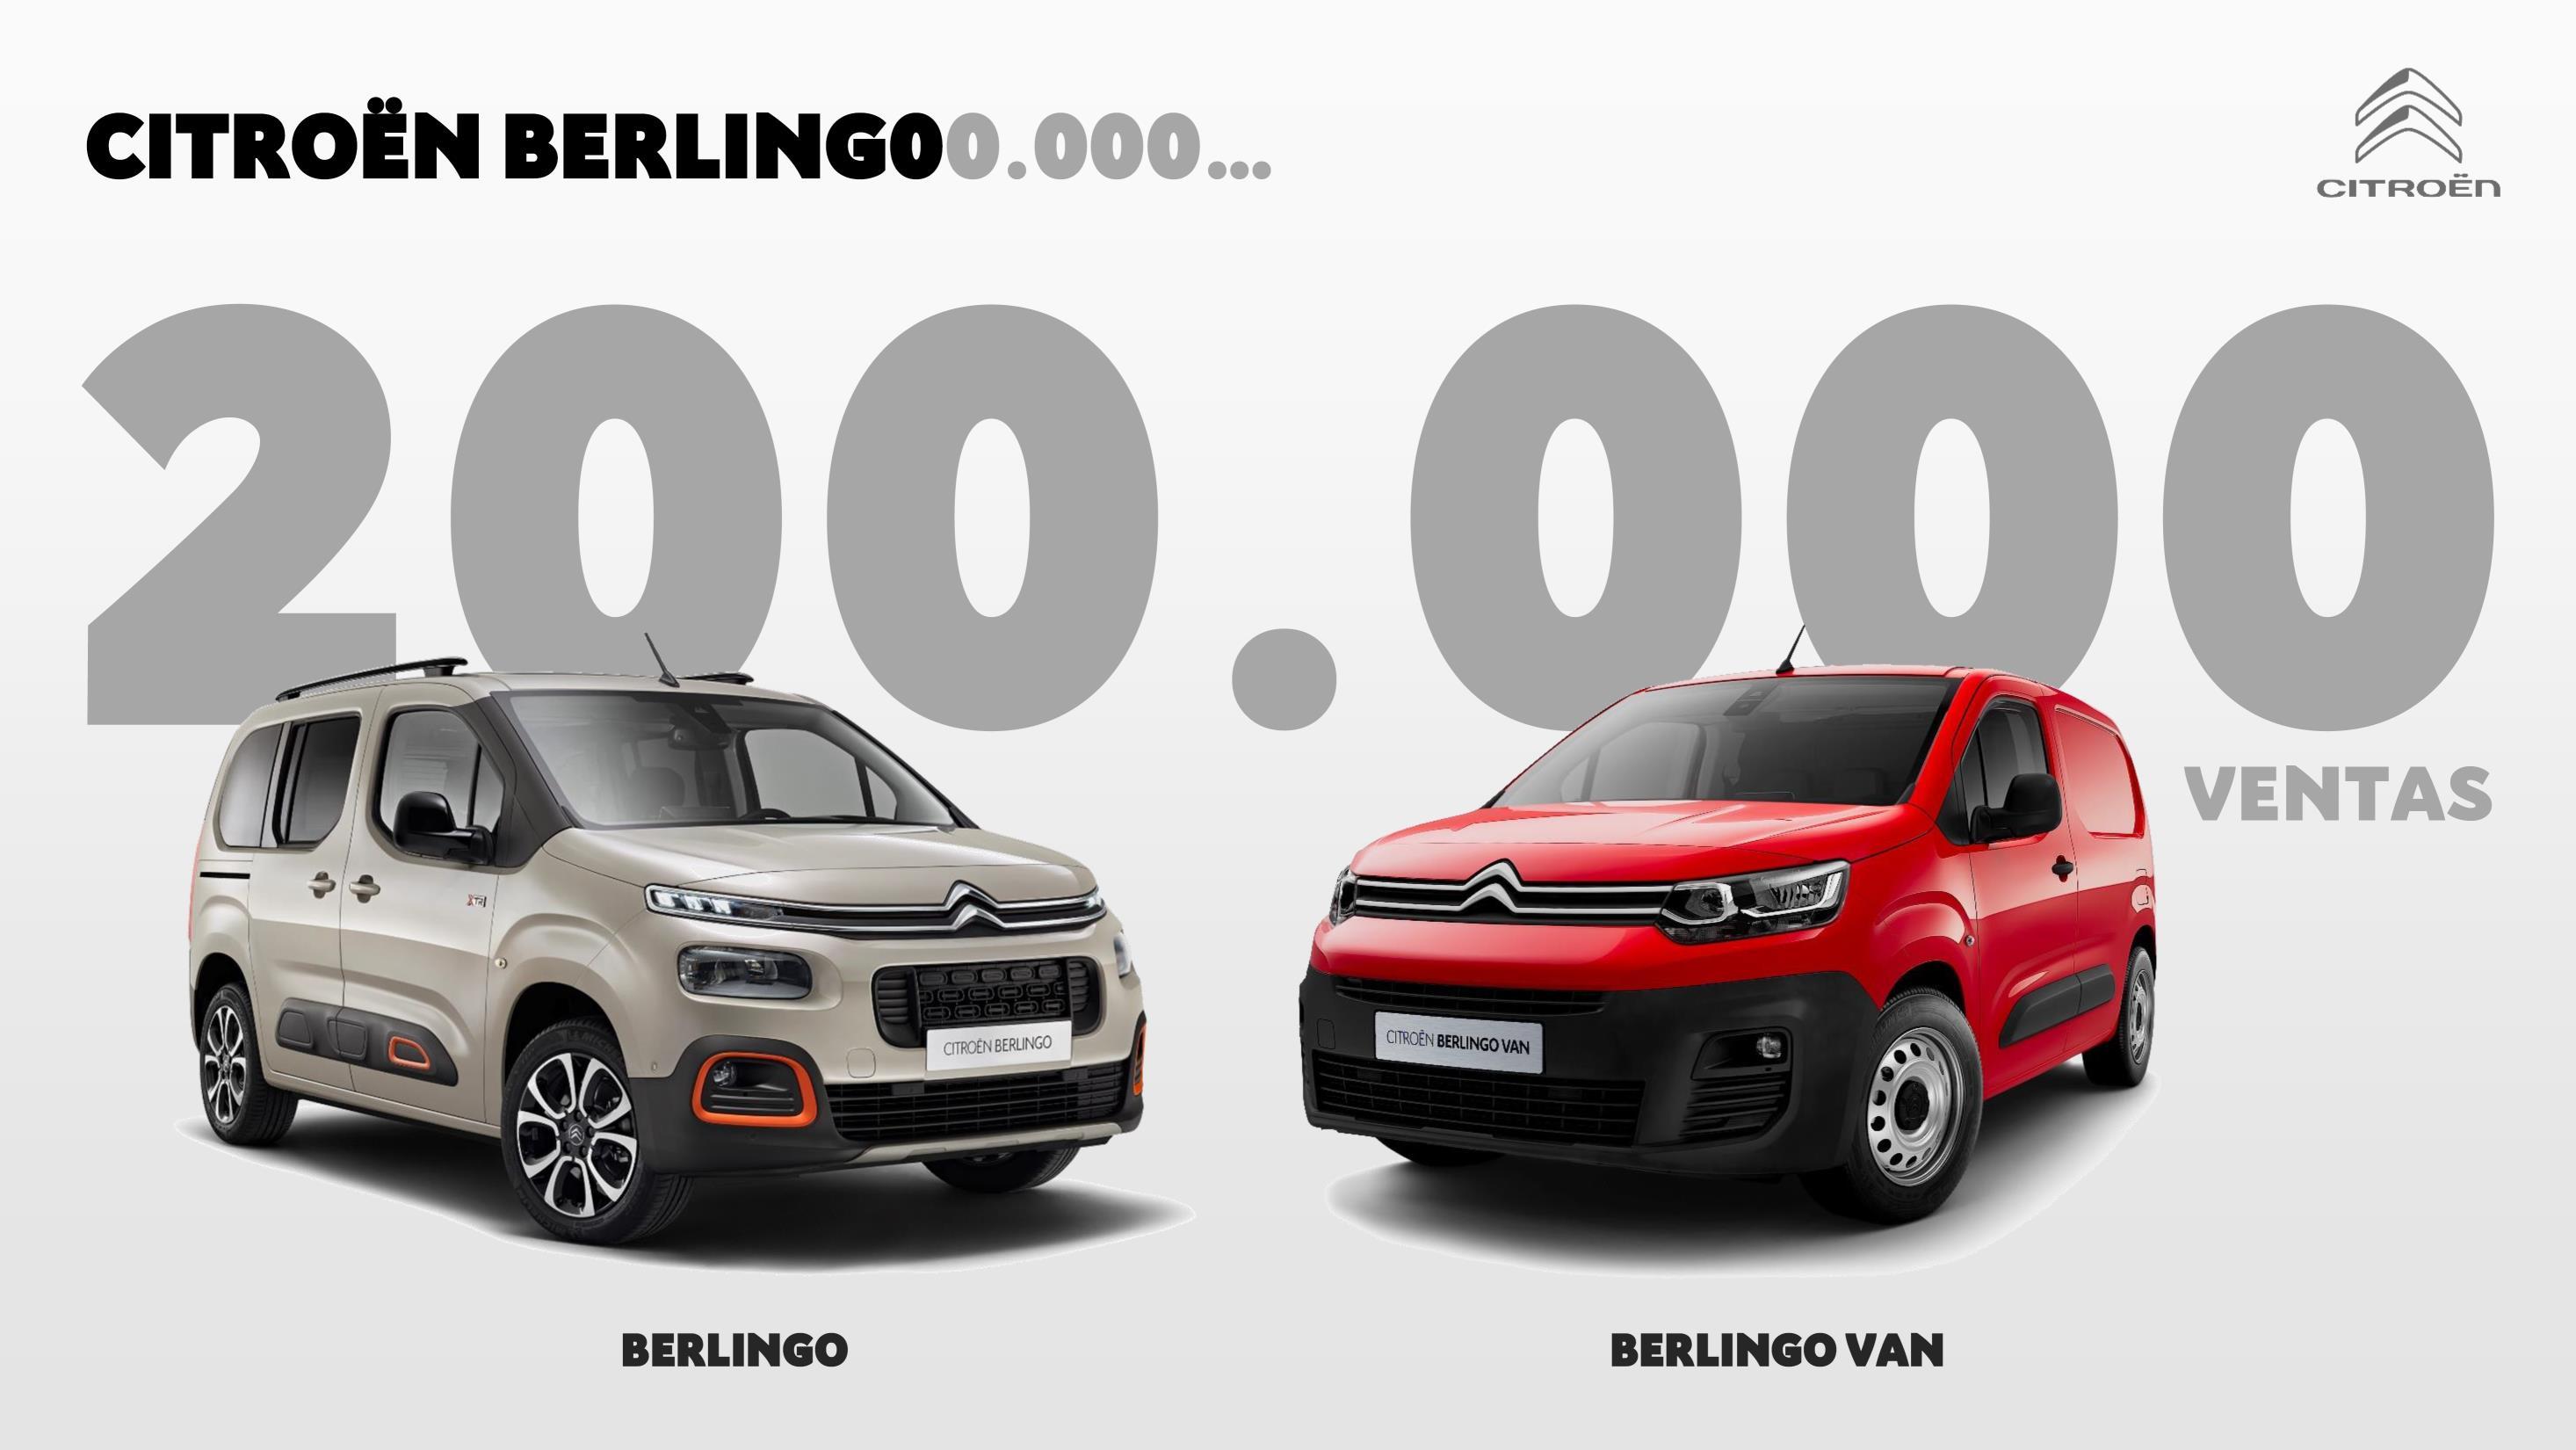 El Citroën Berlingo supera les 200.000 vendes